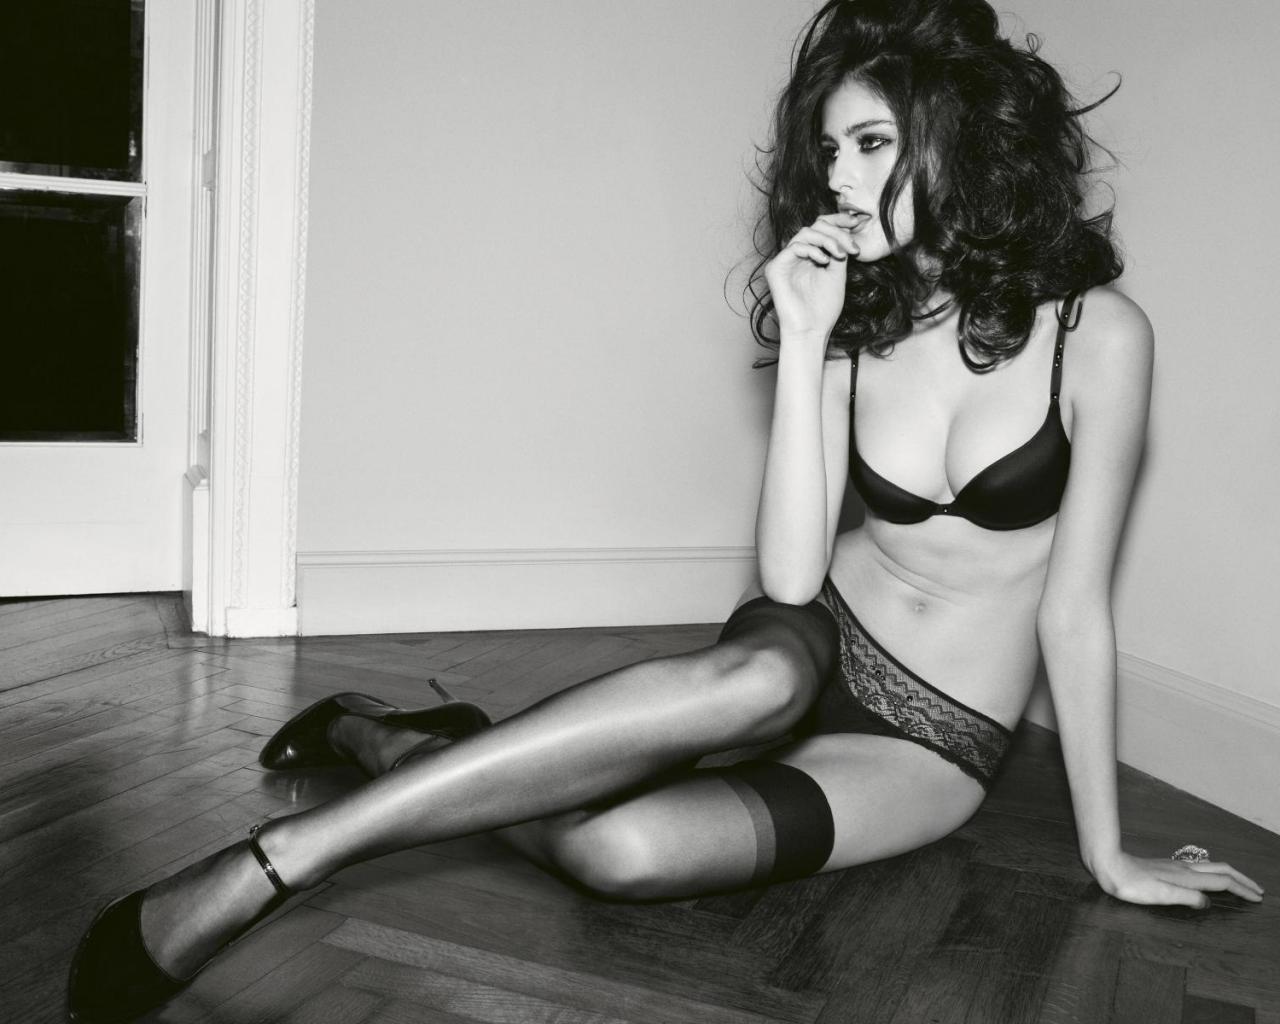 Картинки черно белые девушка в чулках, сайты трансов порно